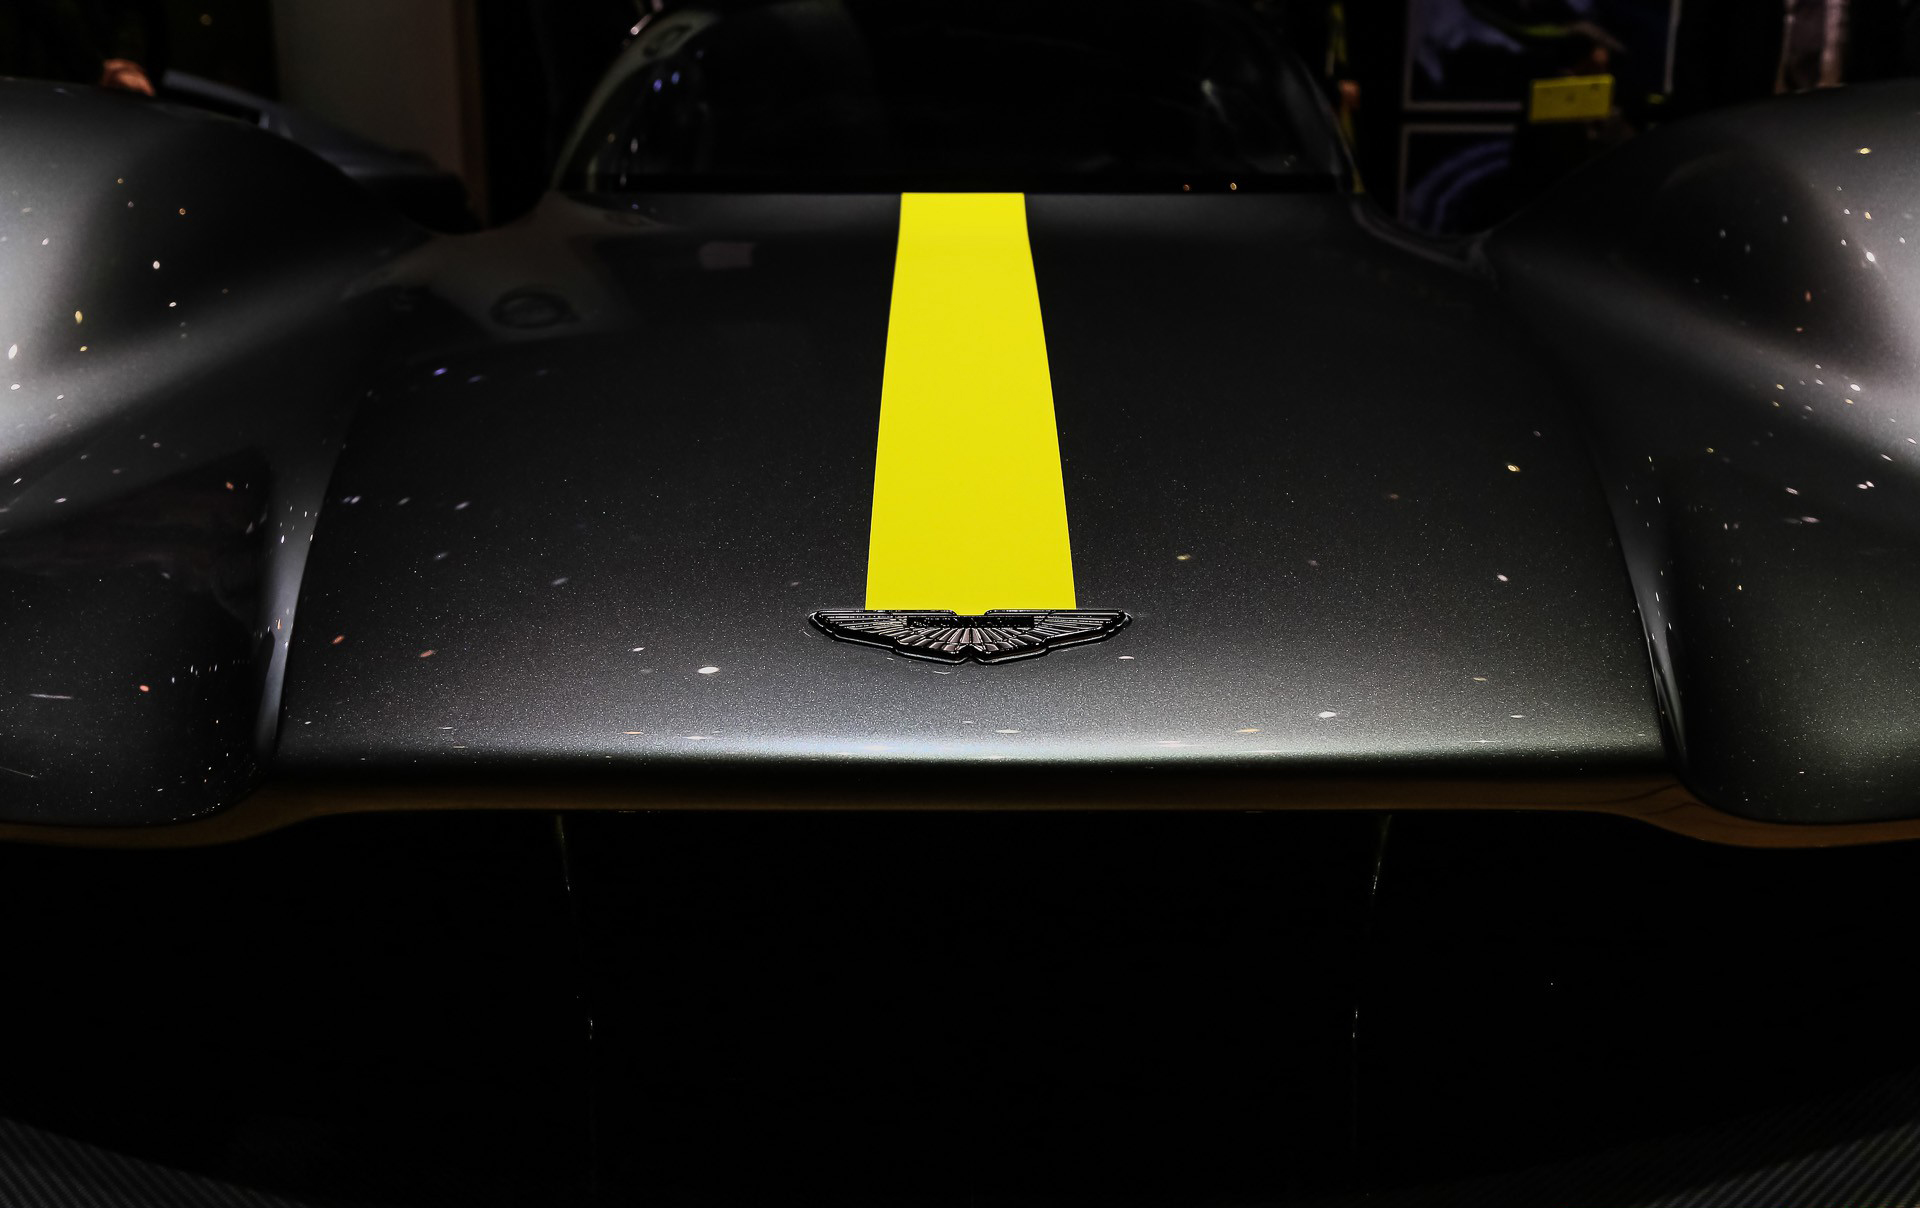 Будет построено 150 дорожных Aston Martin Valkyrie, включая все прототипы.